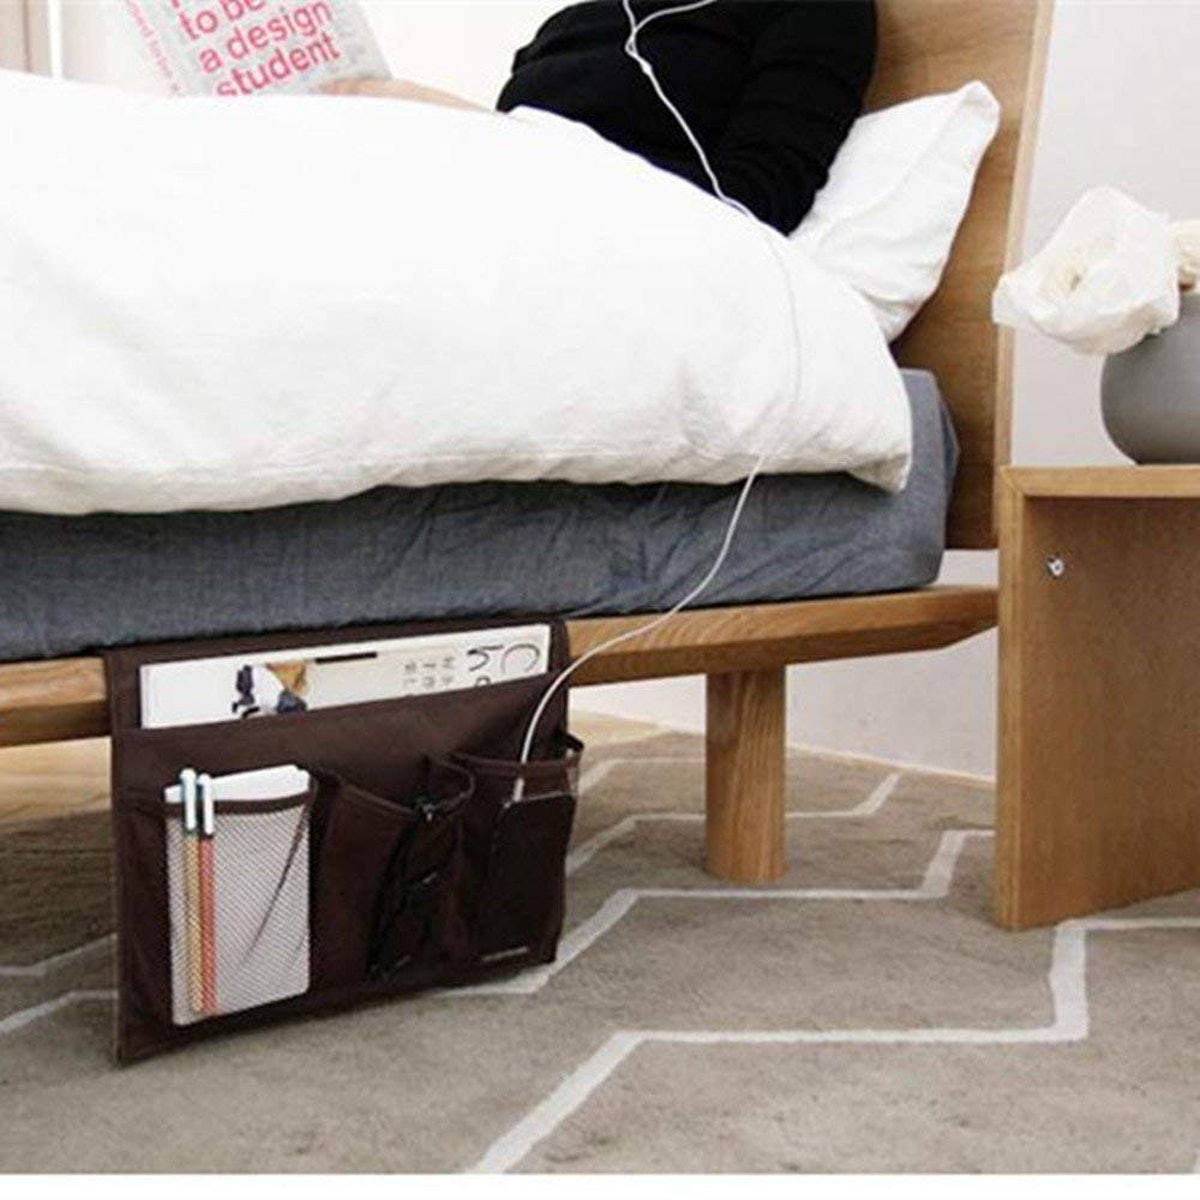 HAKACC Bedside Storage Organizer